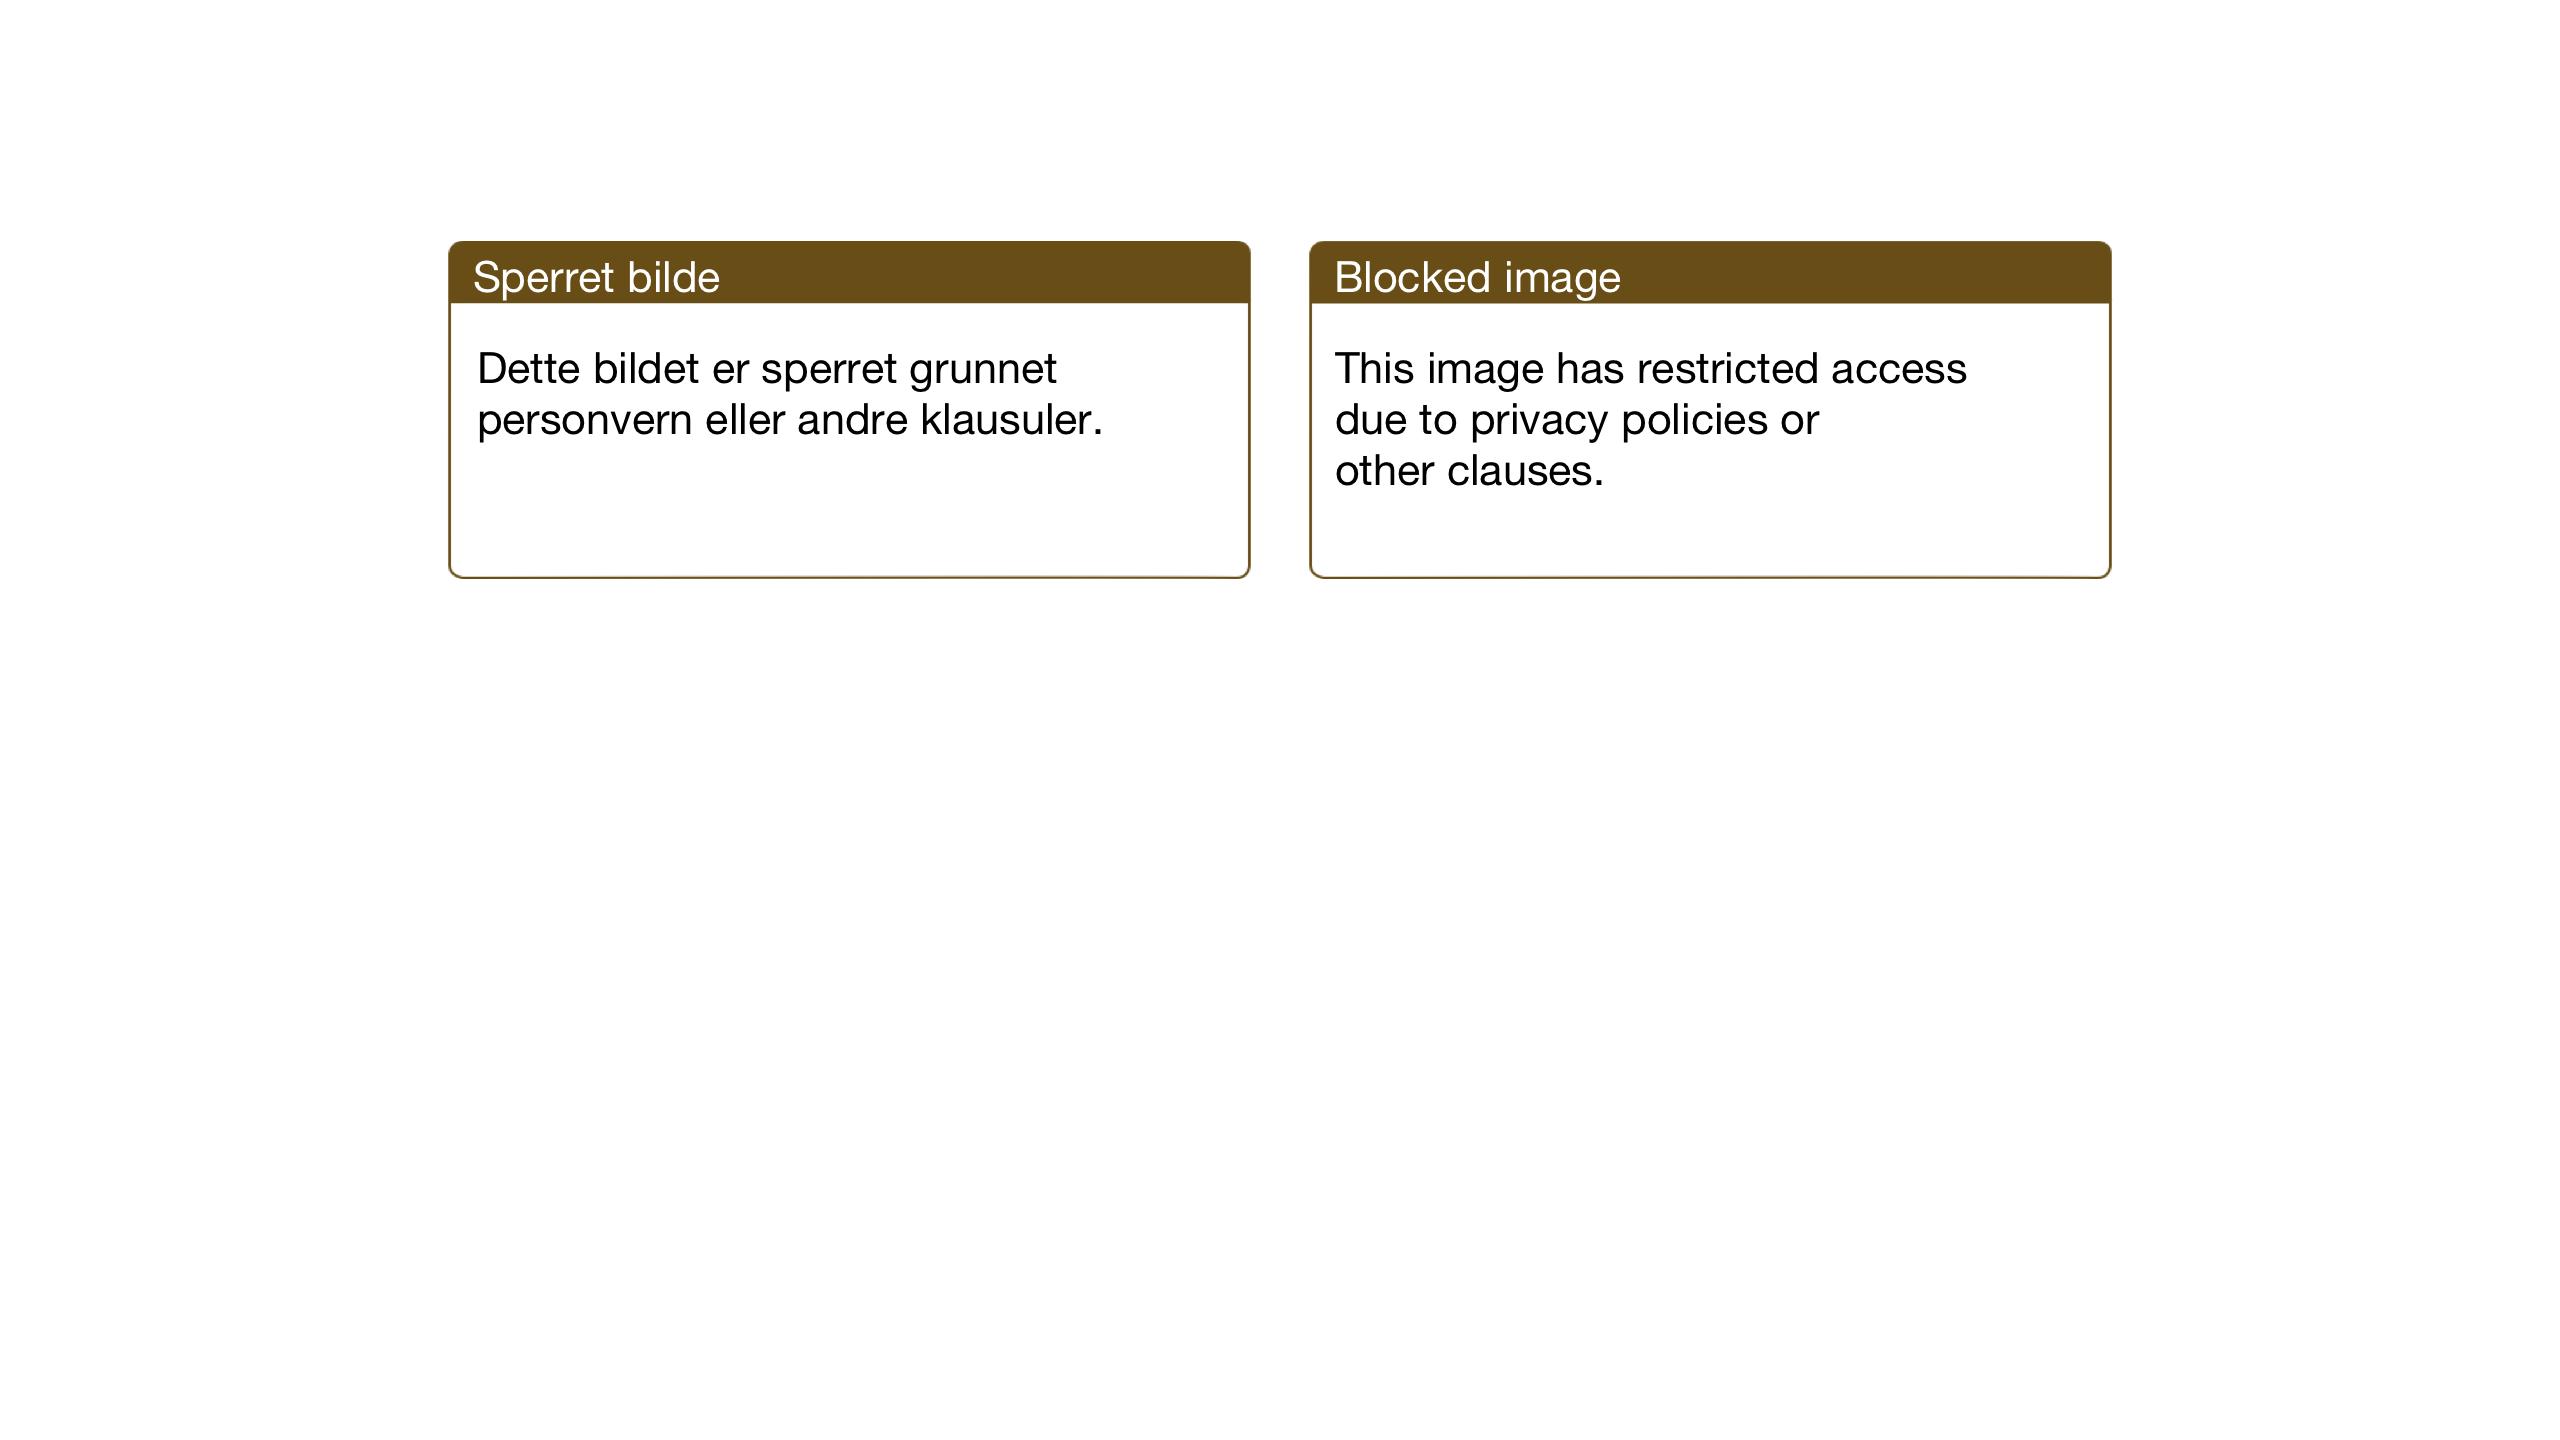 SAT, Ministerialprotokoller, klokkerbøker og fødselsregistre - Sør-Trøndelag, 698/L1168: Klokkerbok nr. 698C05, 1908-1930, s. 46